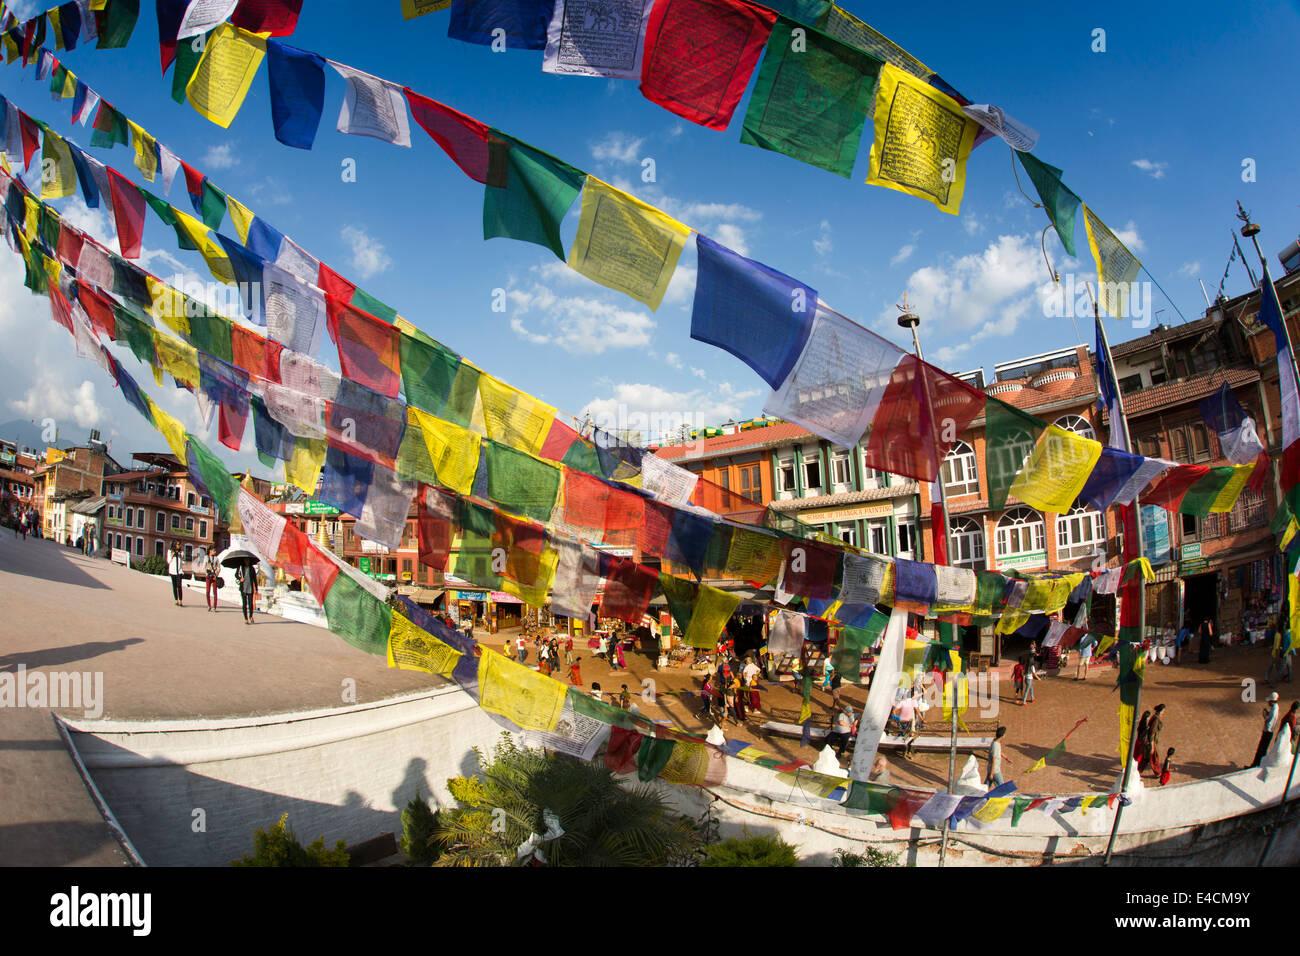 Nepal, Kathmandu, Boudhanath, stupa colourful prayer flags - Stock Image